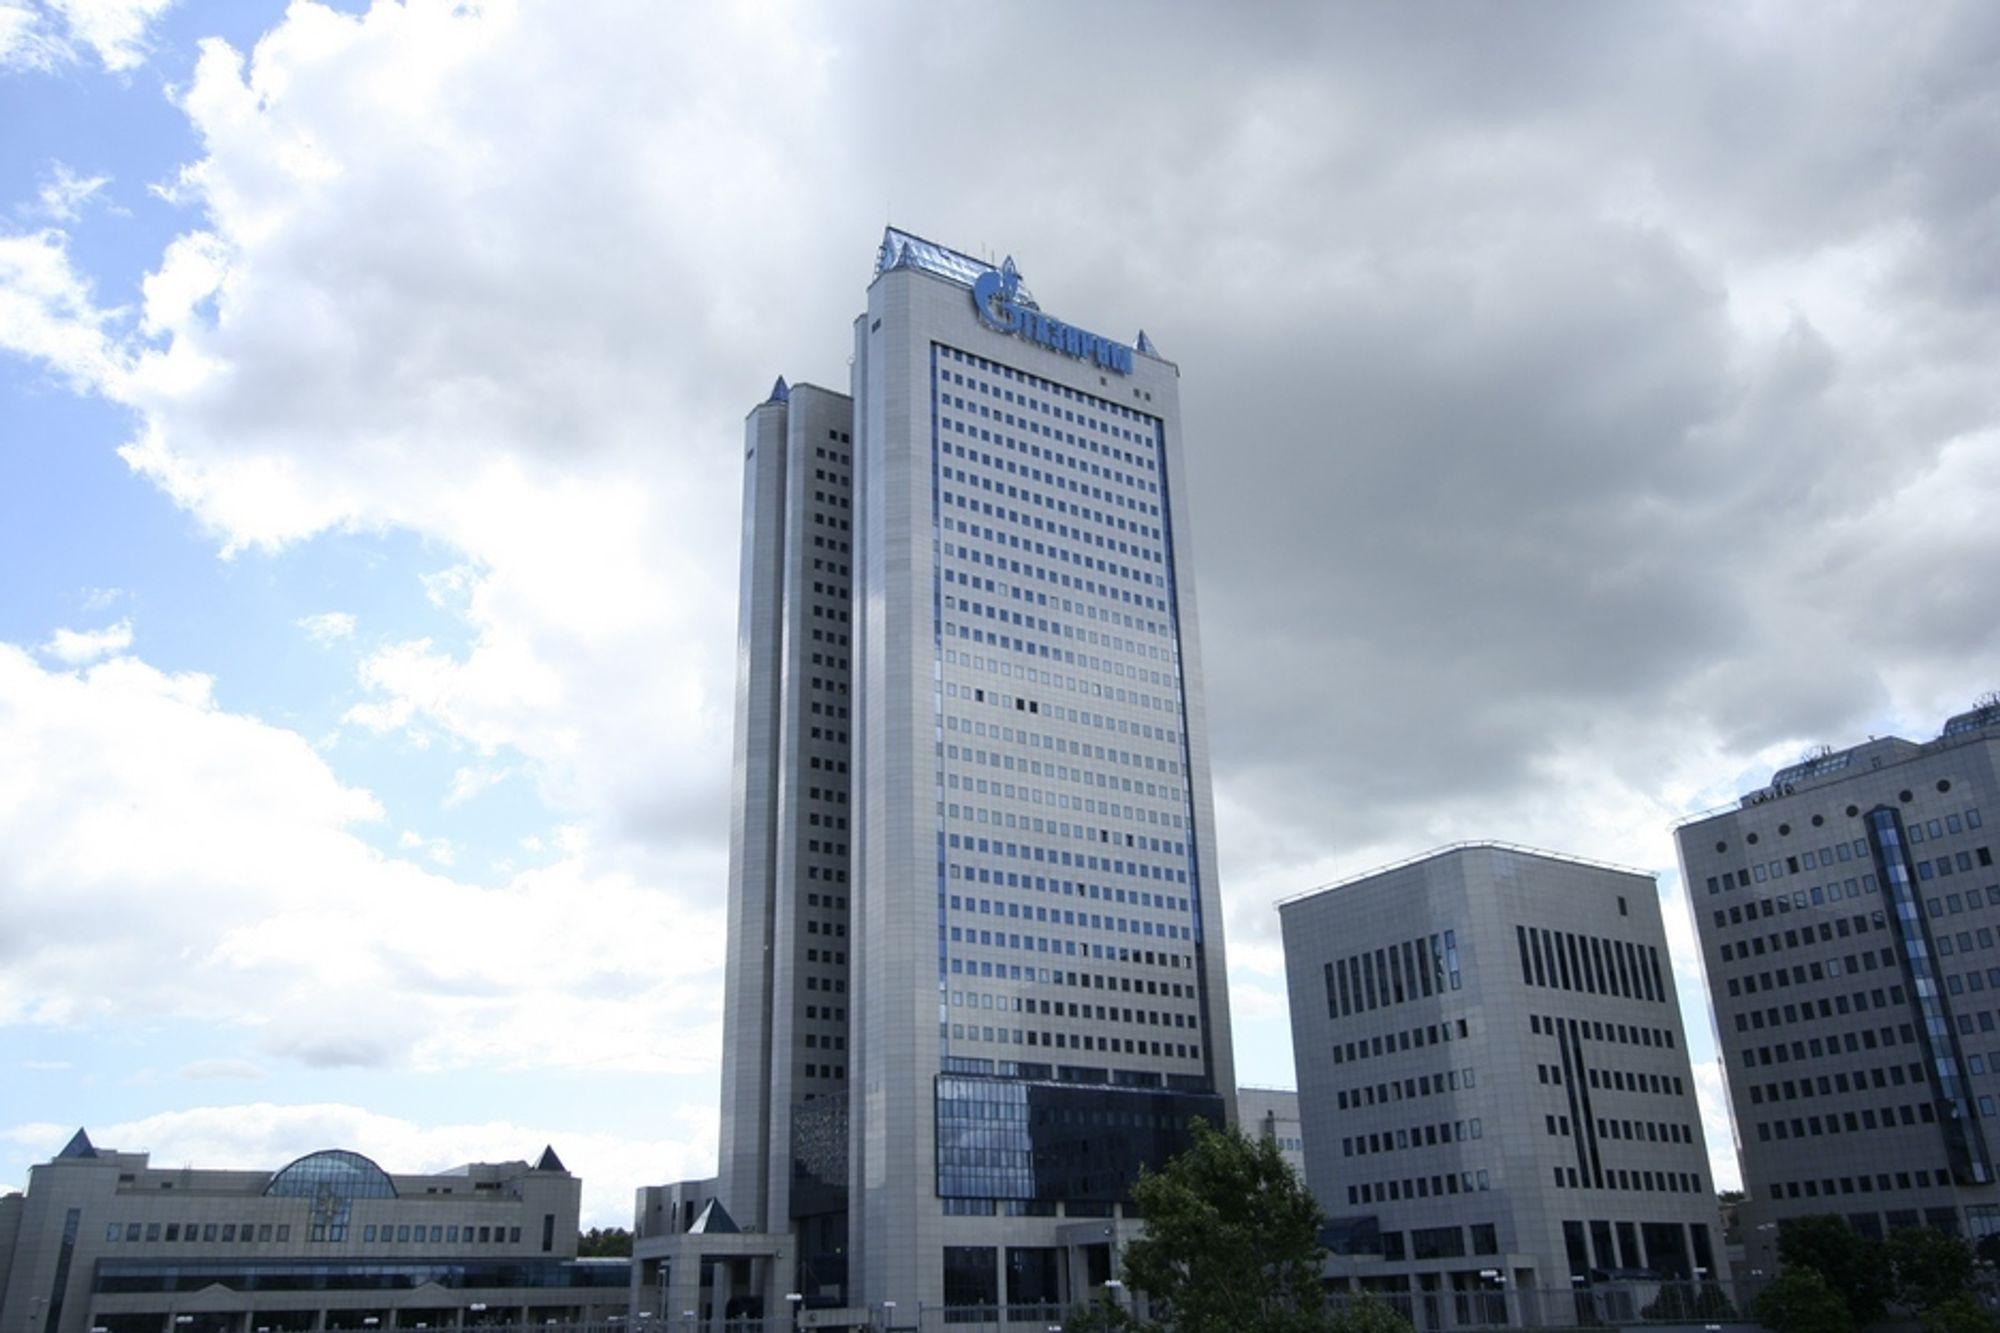 Gazproms hovedkontor i Moskva. Gazproms bygning i Moskva har blitt et landemerke og et symbol på russernes gjenskapte storhet.